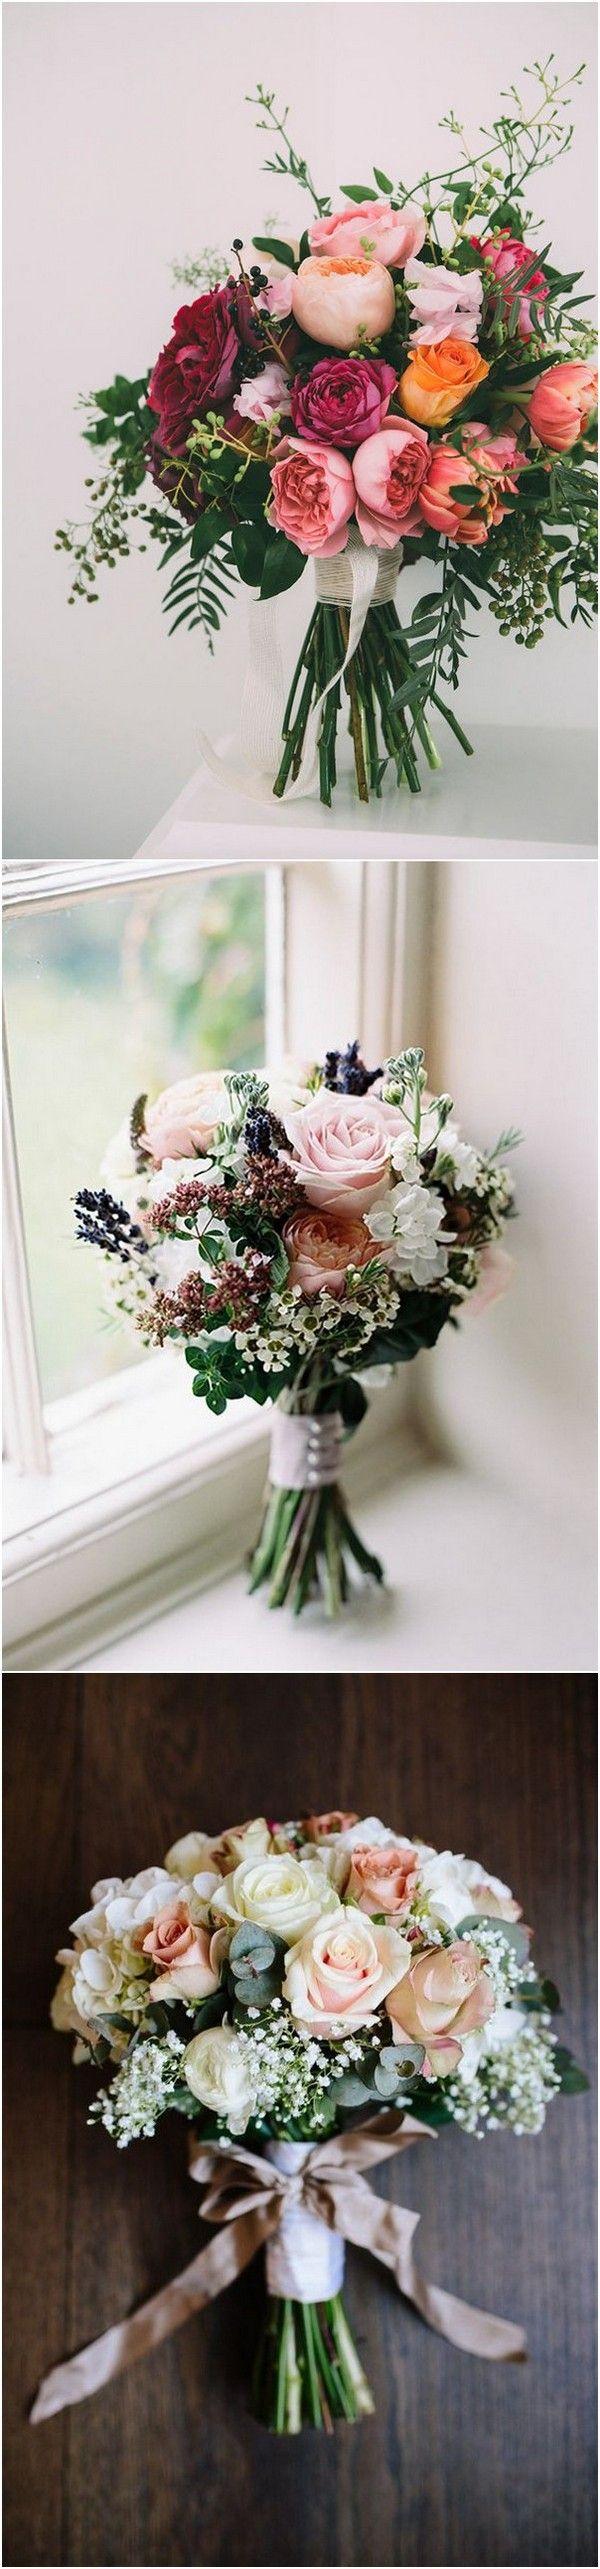 best wedding florals images on Pinterest Bridal bouquets